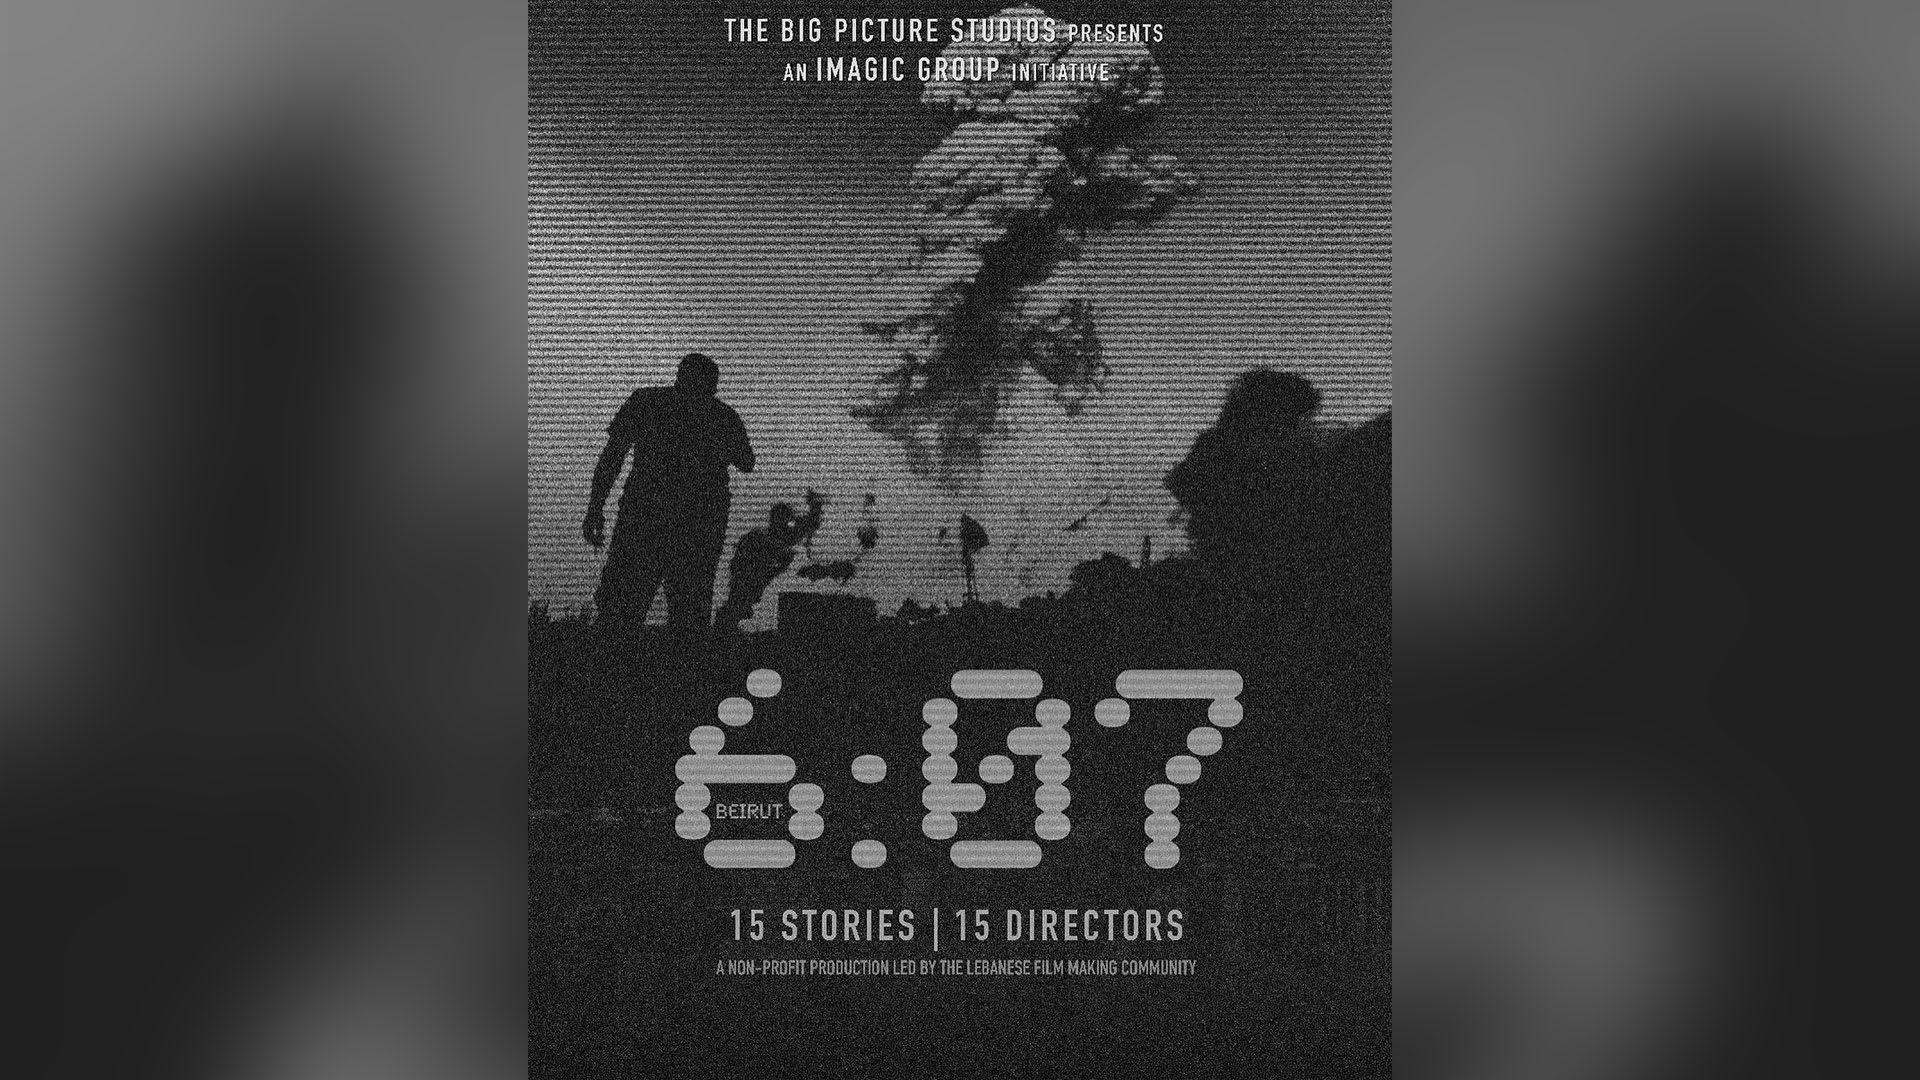 """""""بيروت 6:07"""" مرشح لجائزة """"الإيمي"""".. يروي قصصًا عن مأساة انفجار مرفأ بيروت"""